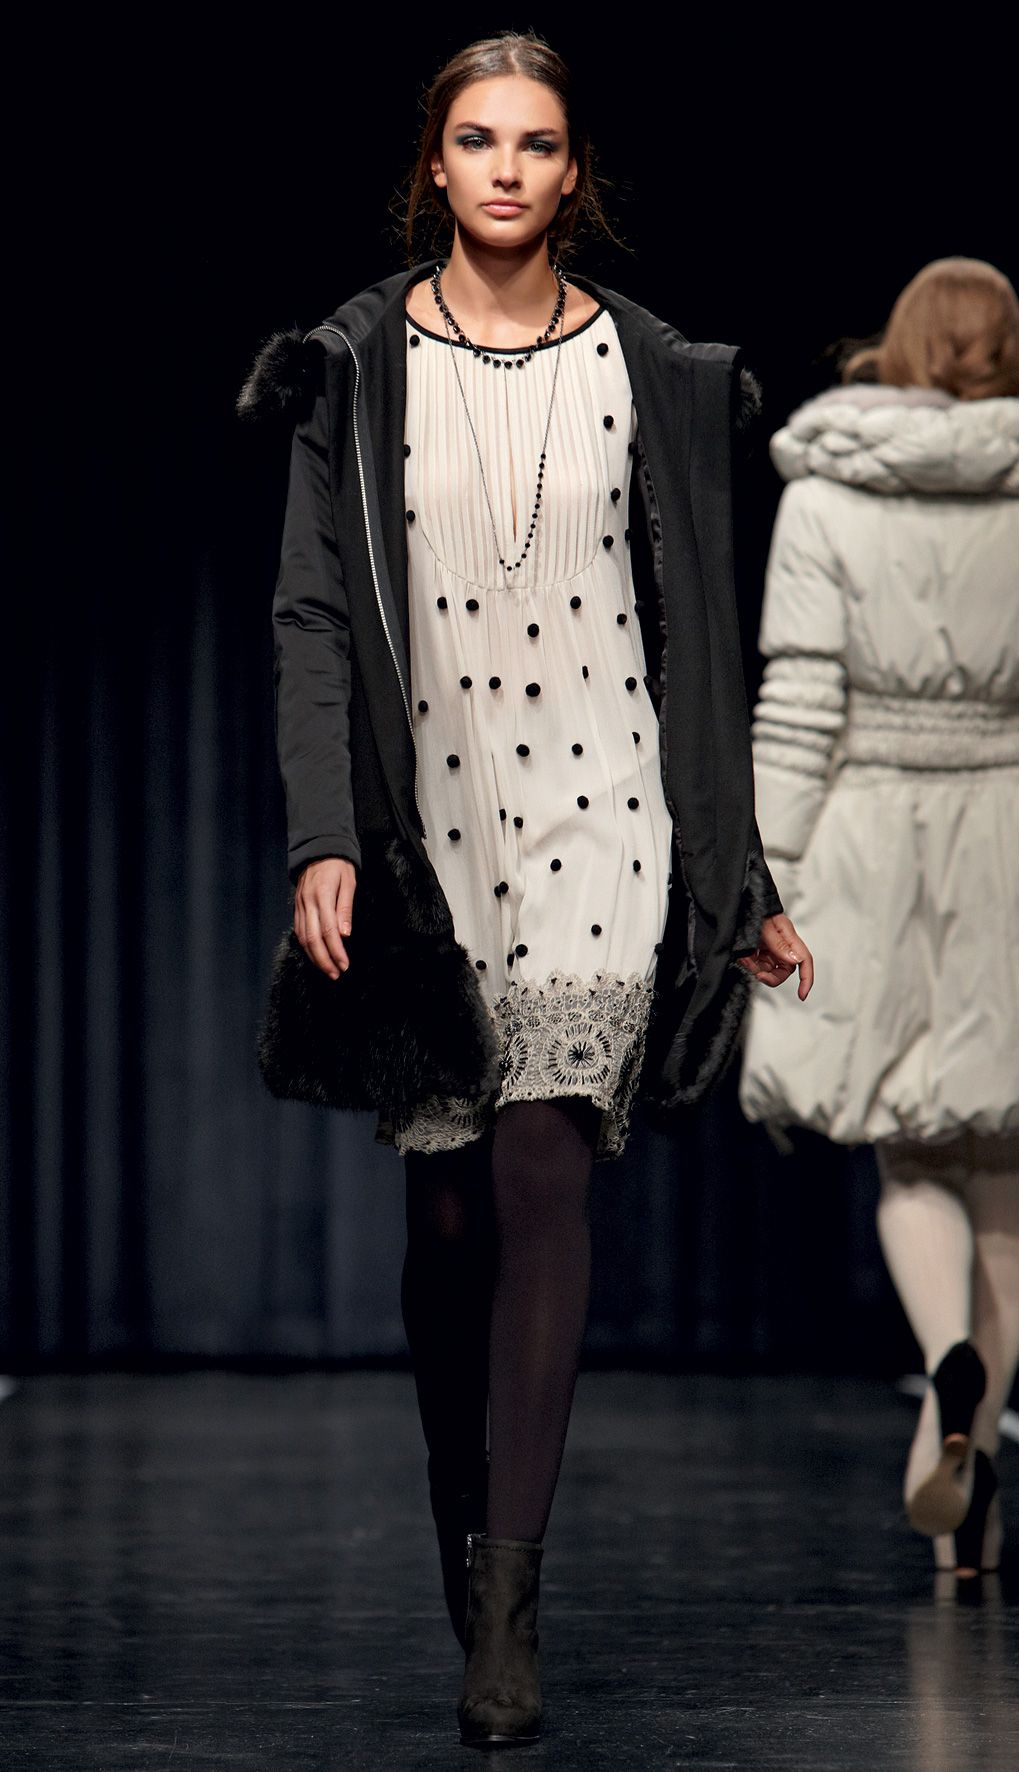 e4dc34f79bf0 TWIN-SET Simona Barbieri - dress with pompom and padded jacket ...